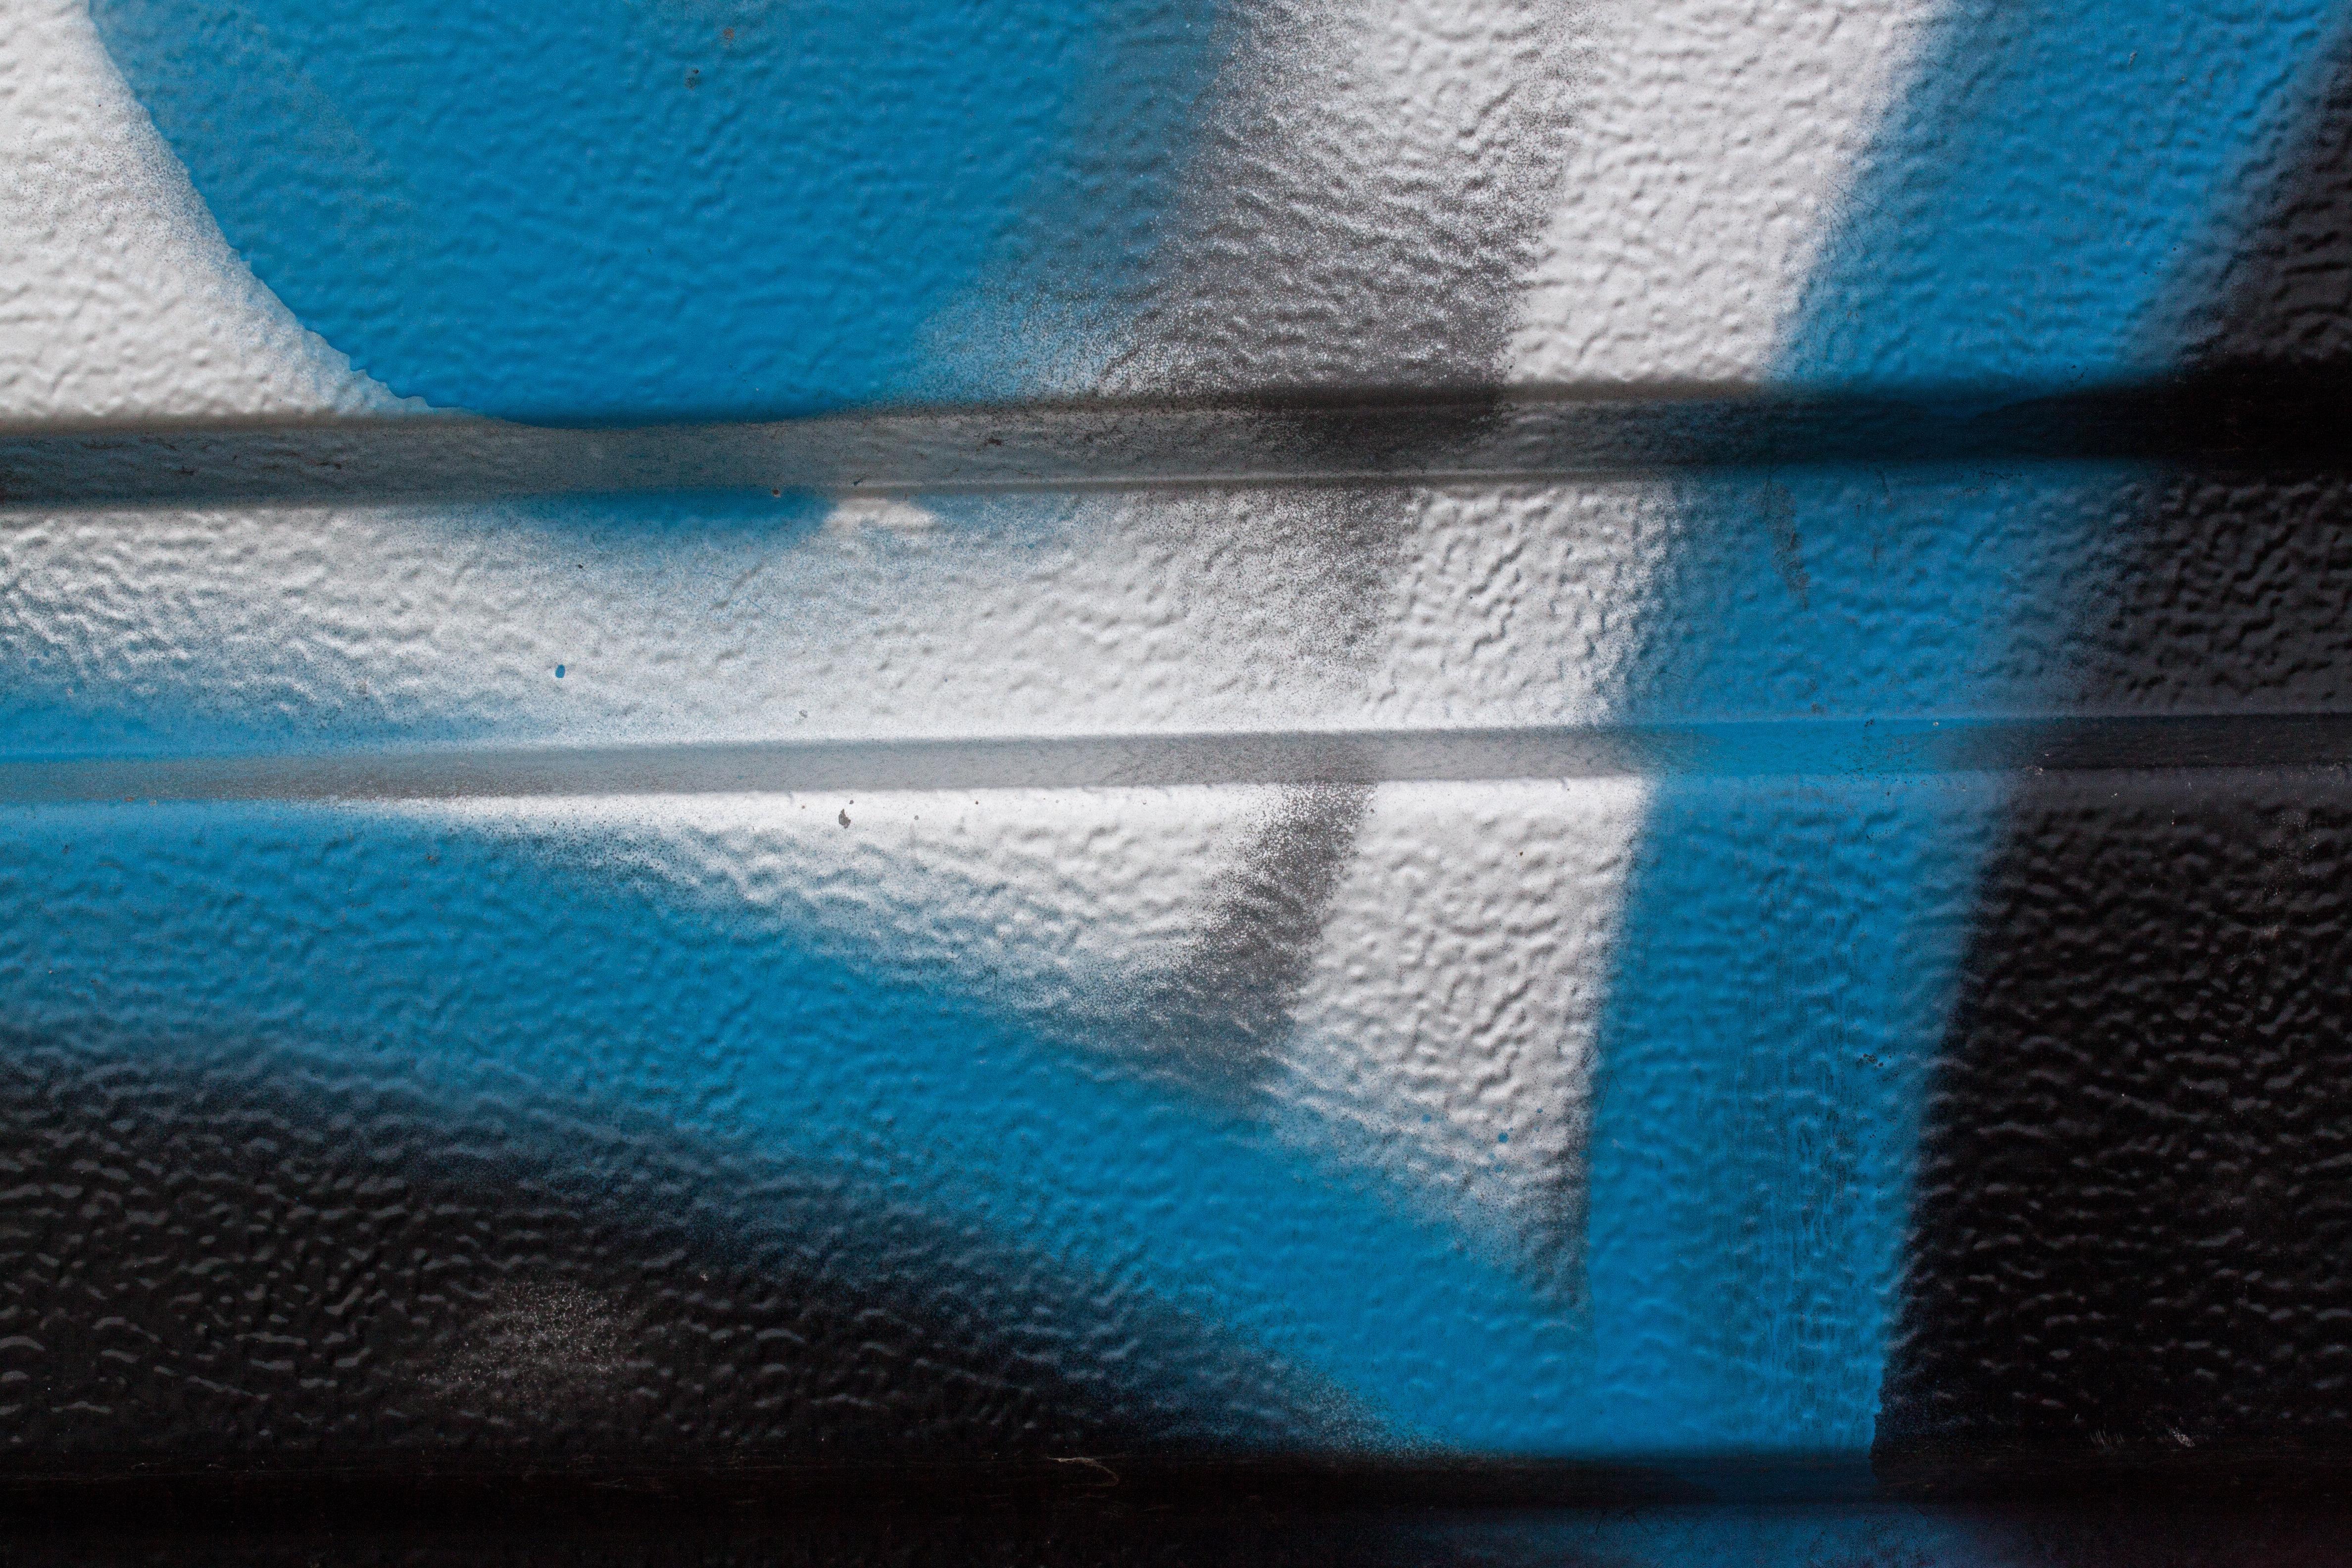 Download 630 Koleksi Background Garis Biru Hitam Gratis Terbaik